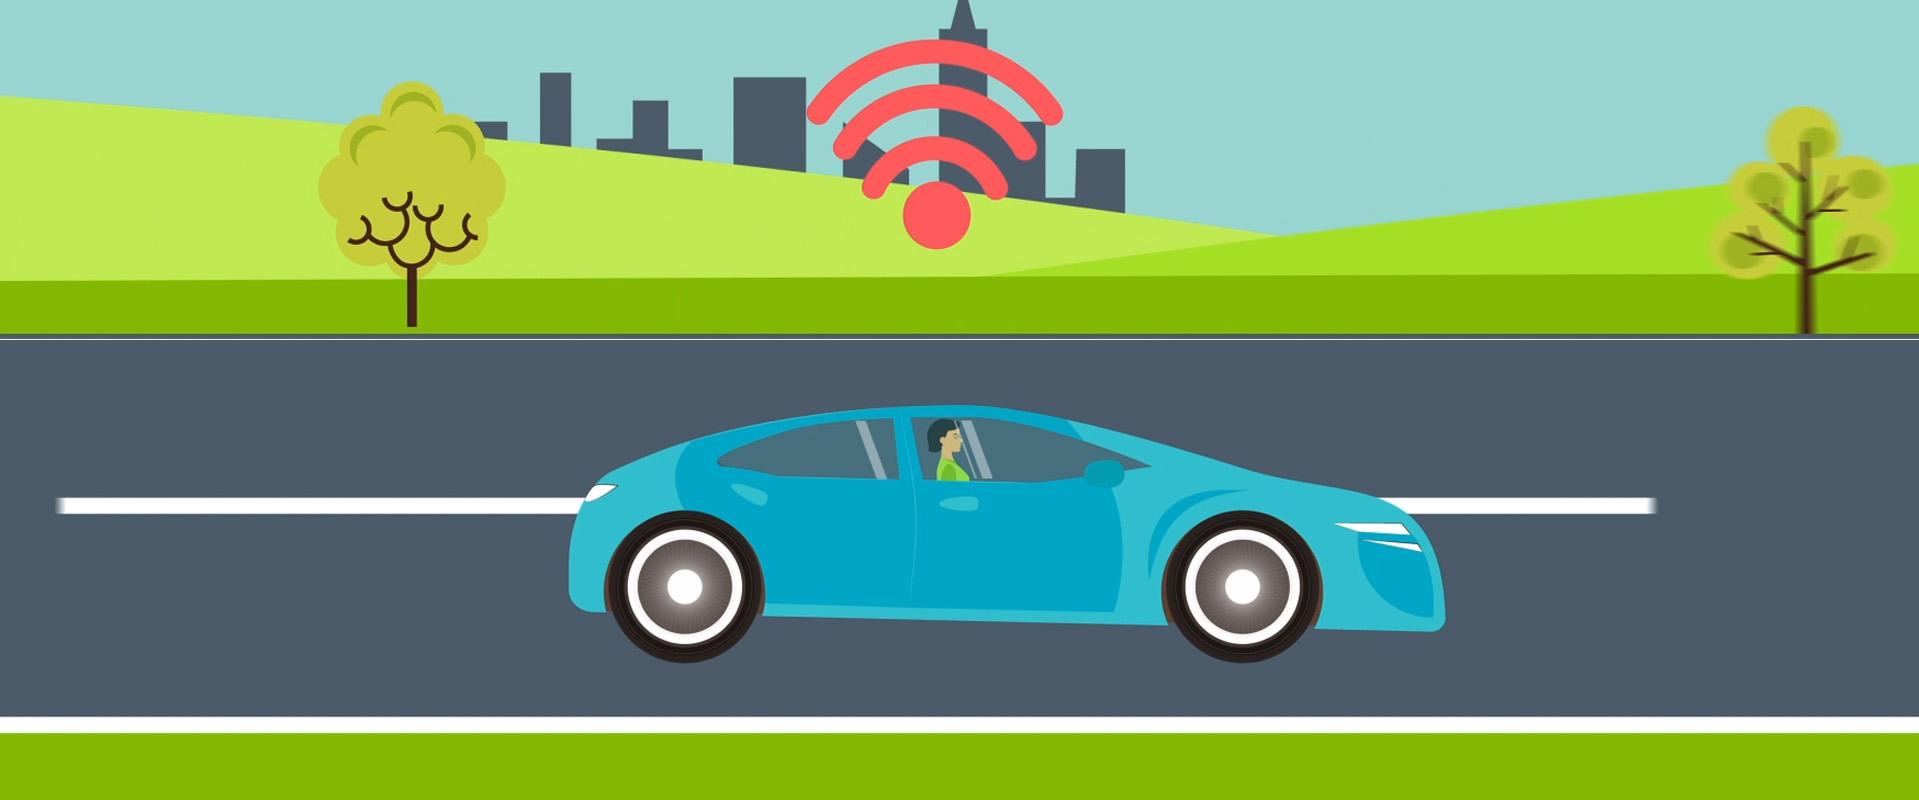 Las tecnologías digitales se alían con la seguridad vial